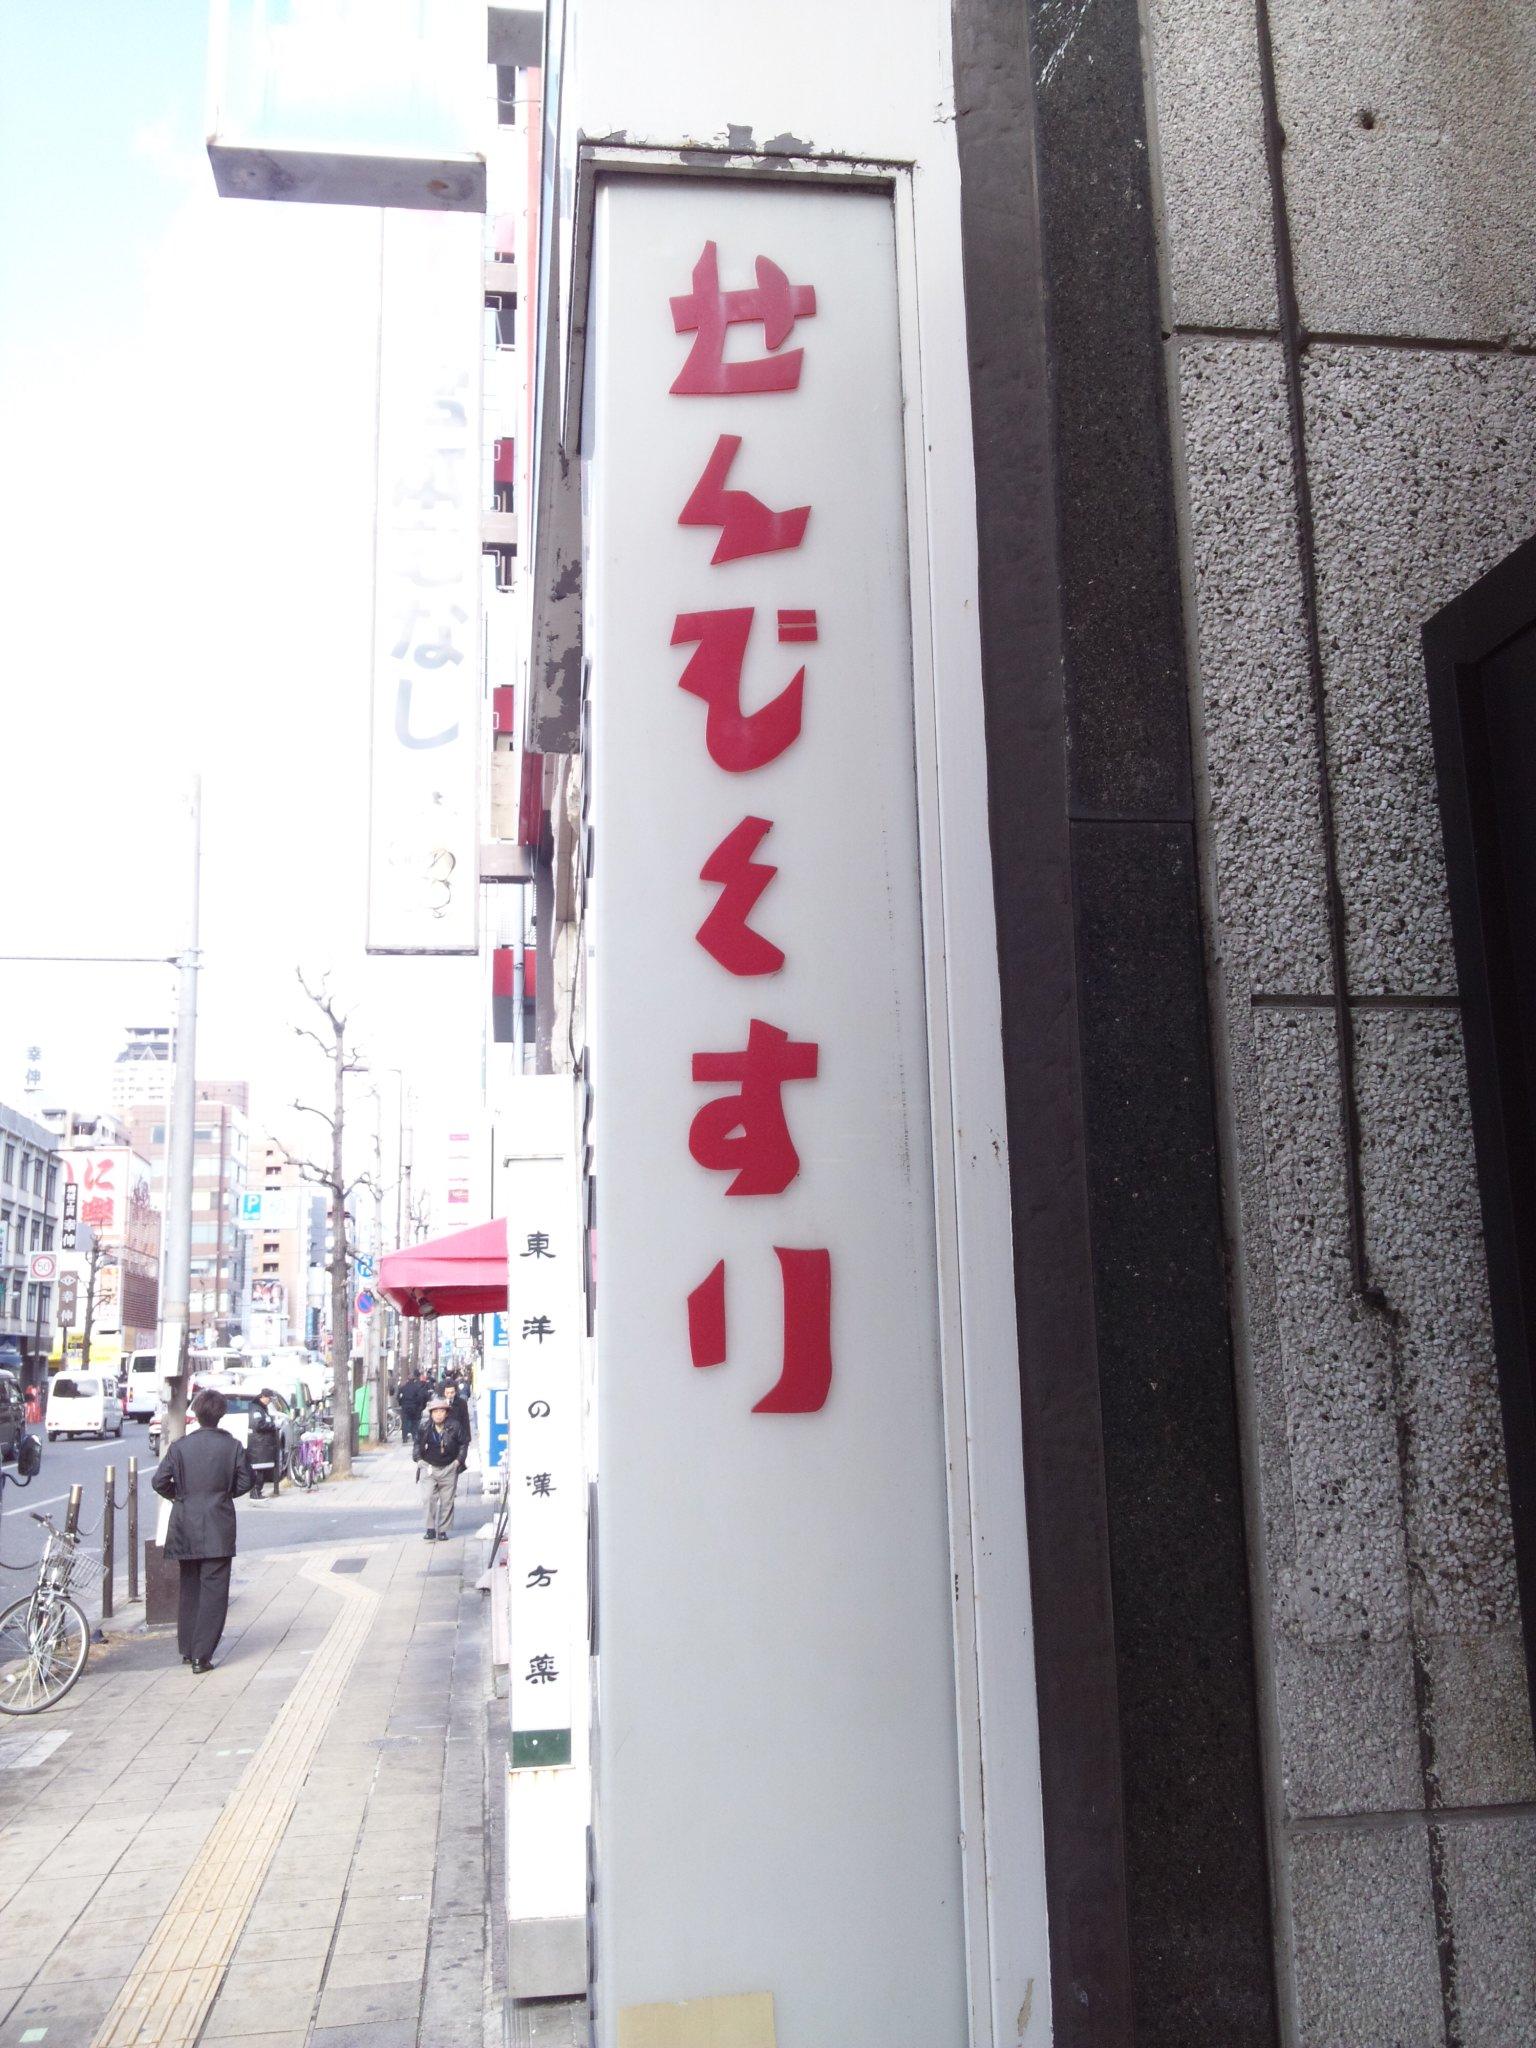 日本橋駅近くの_c0001670_14561126.jpg